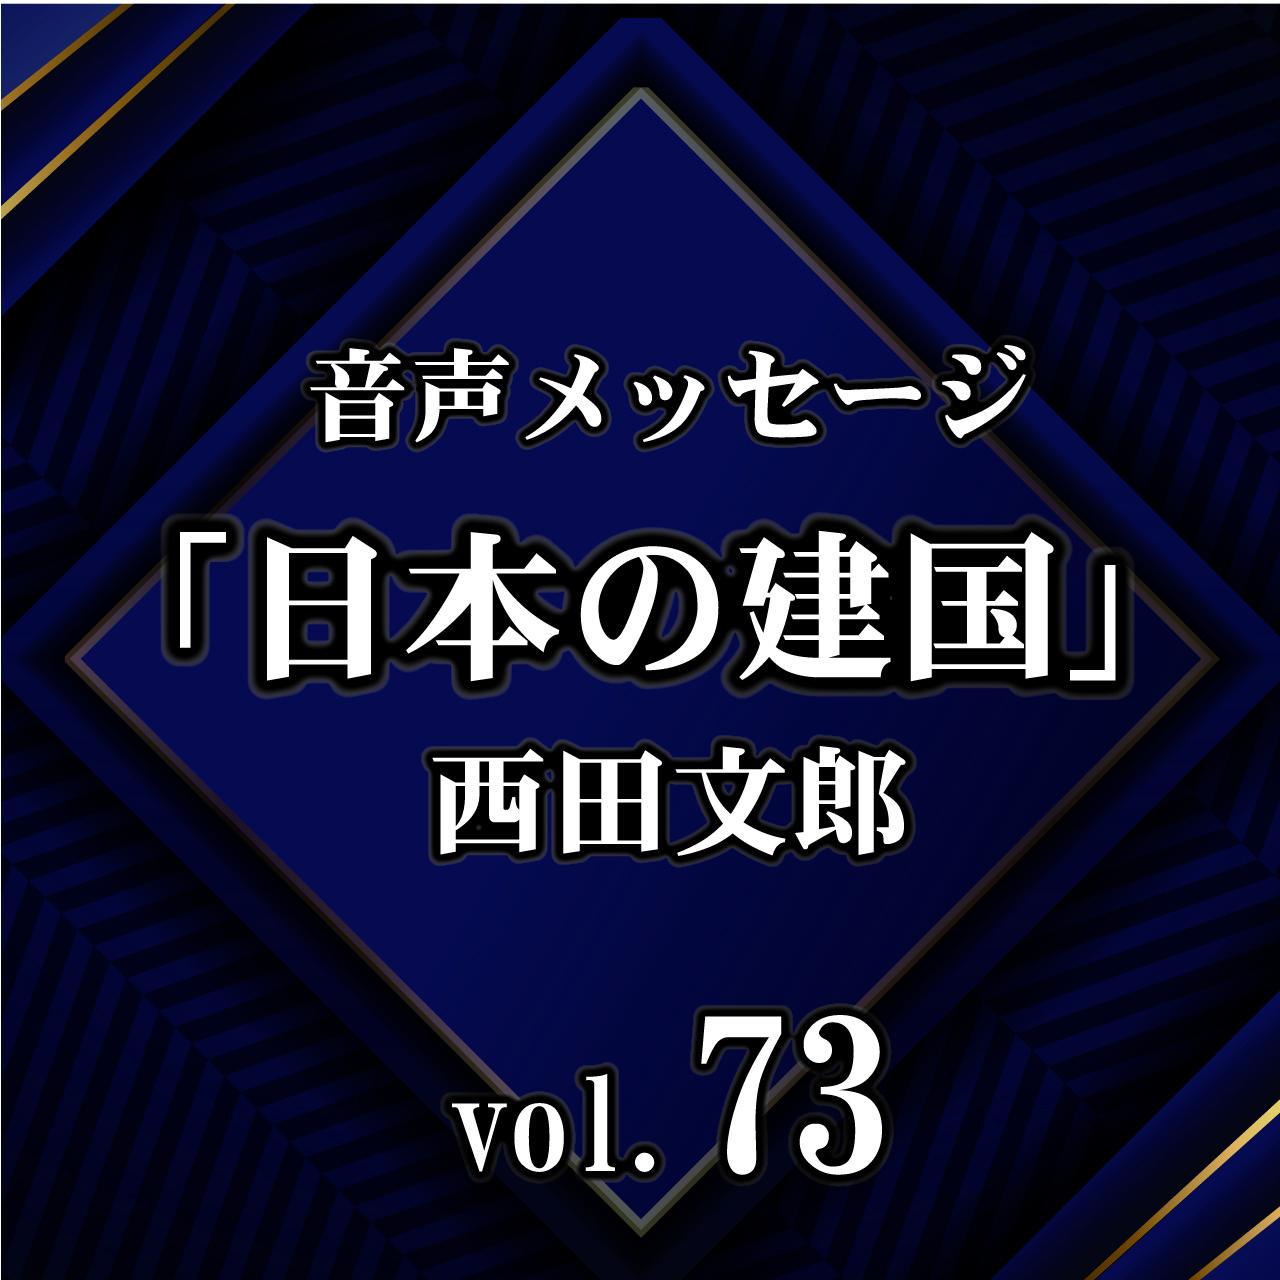 西田文郎 音声メッセージvol.73『日本の建国』